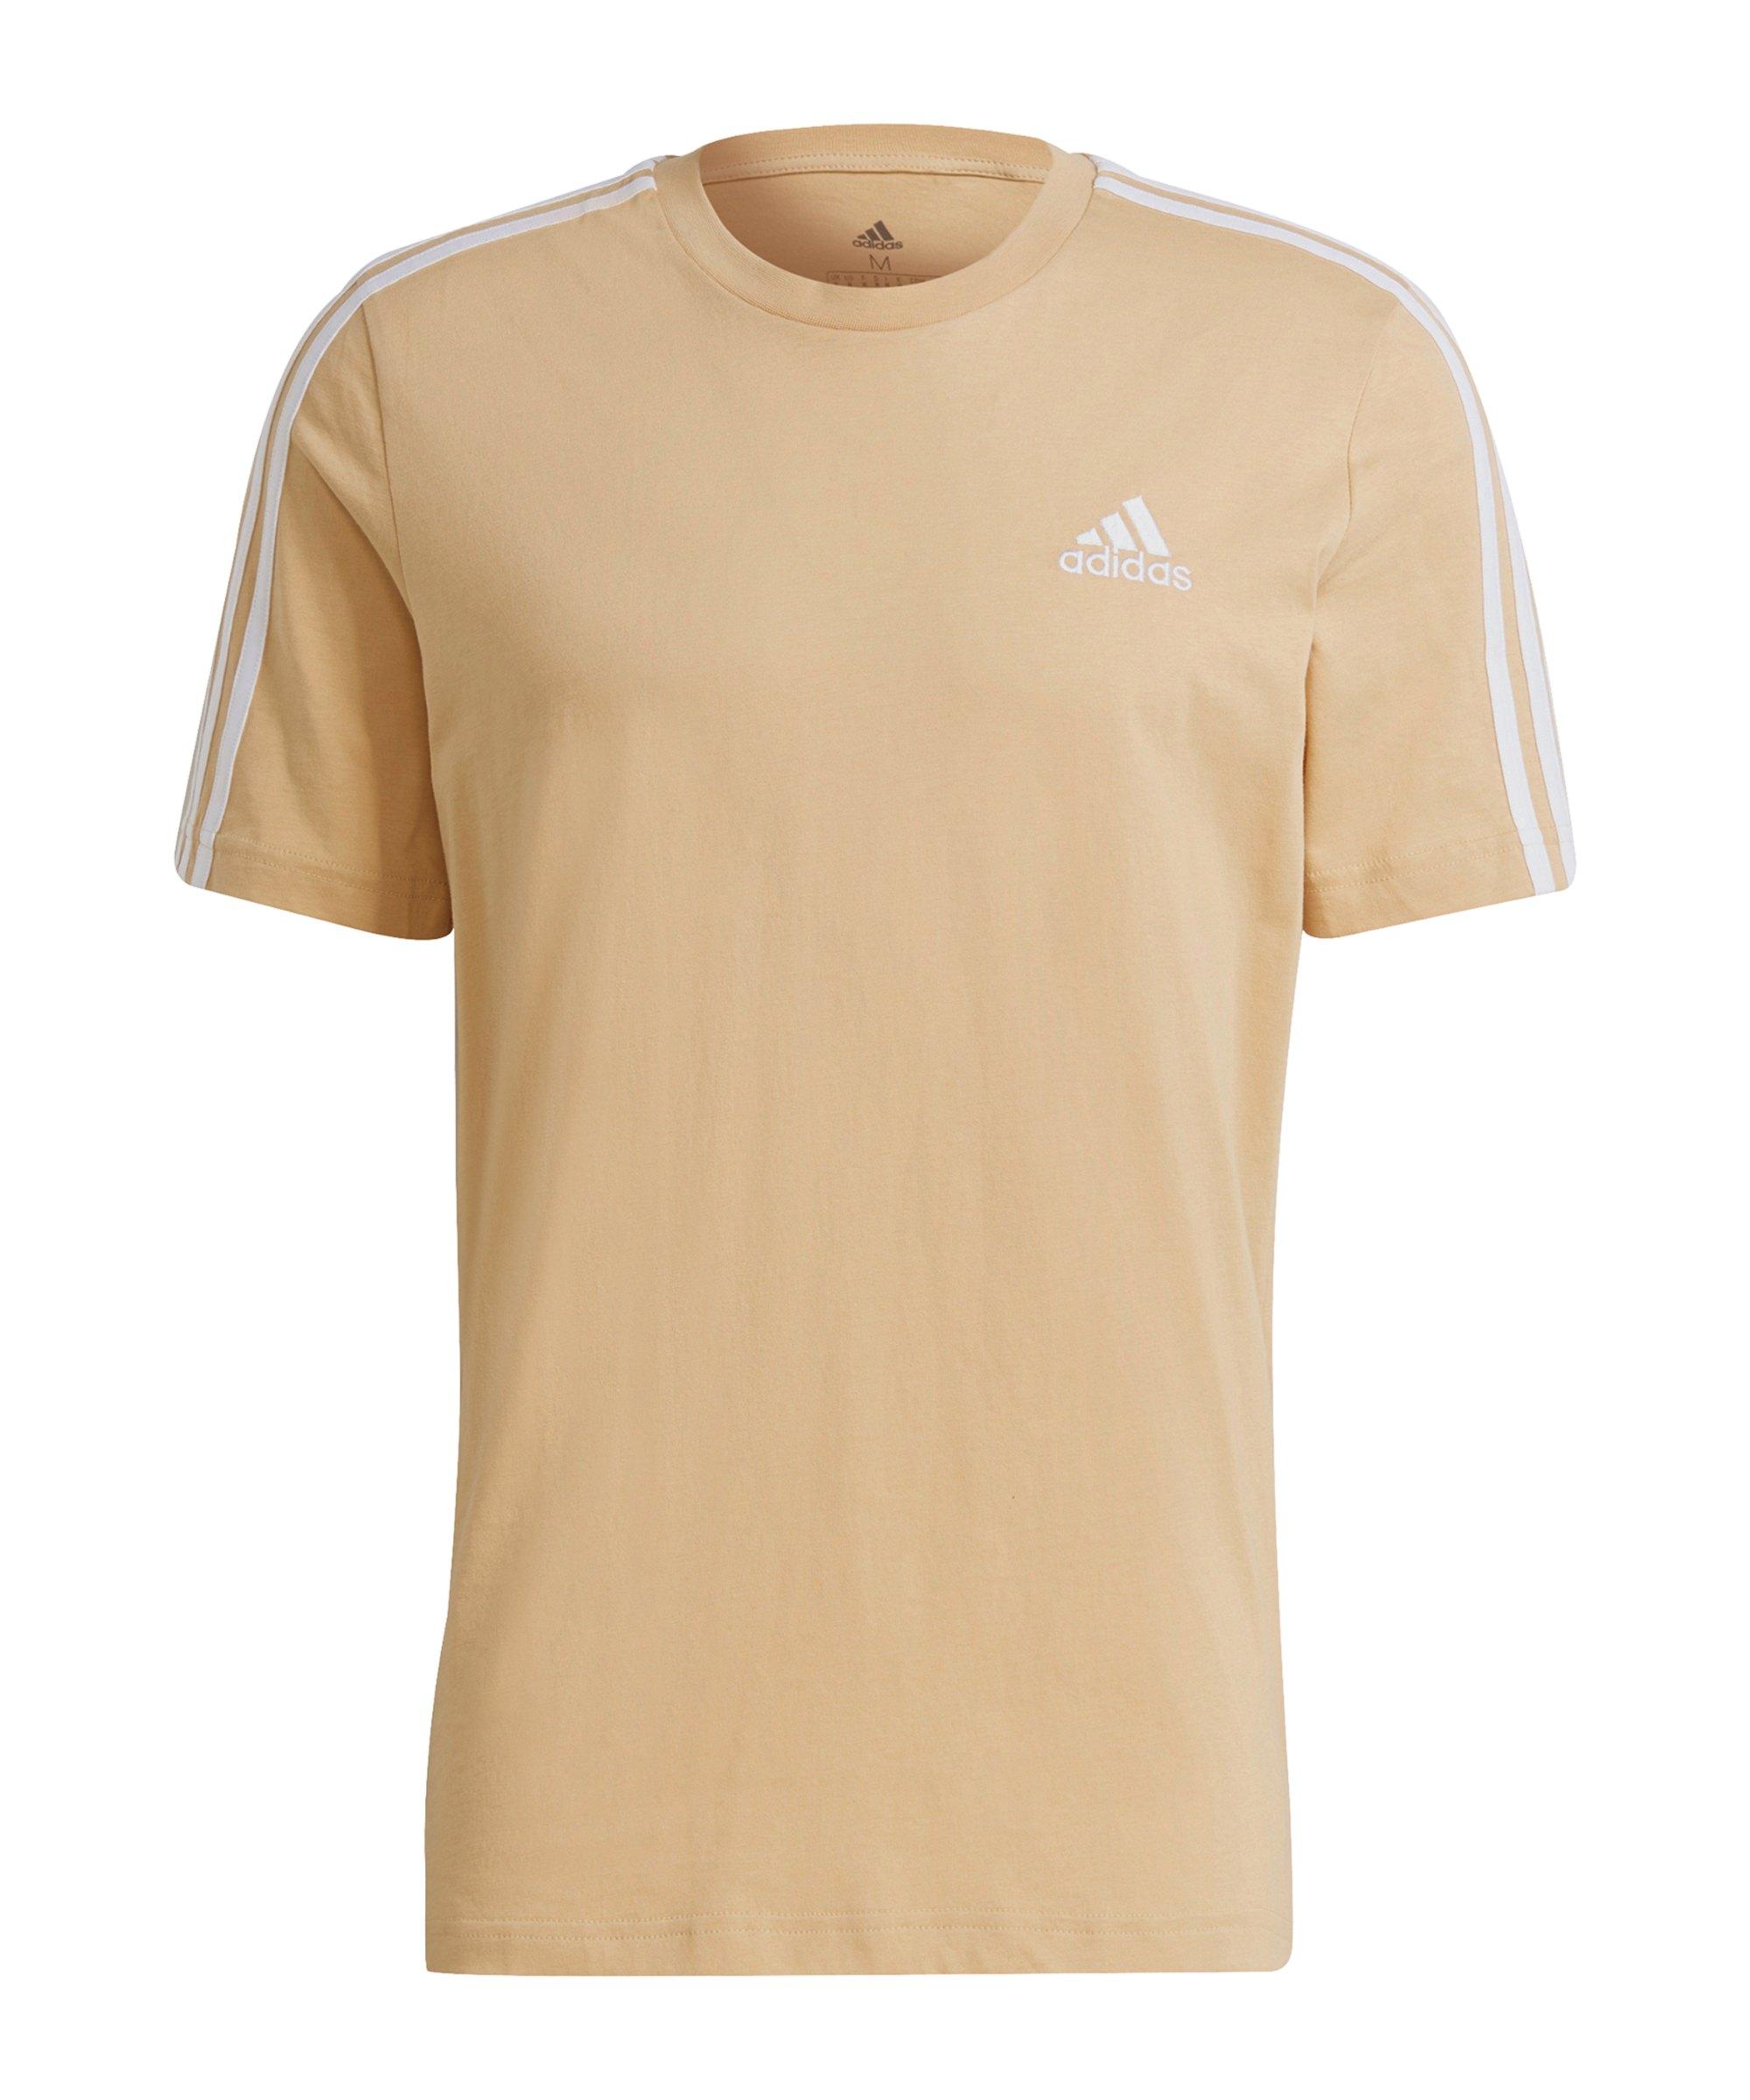 adidas Essentials T-Shirt Beige - beige